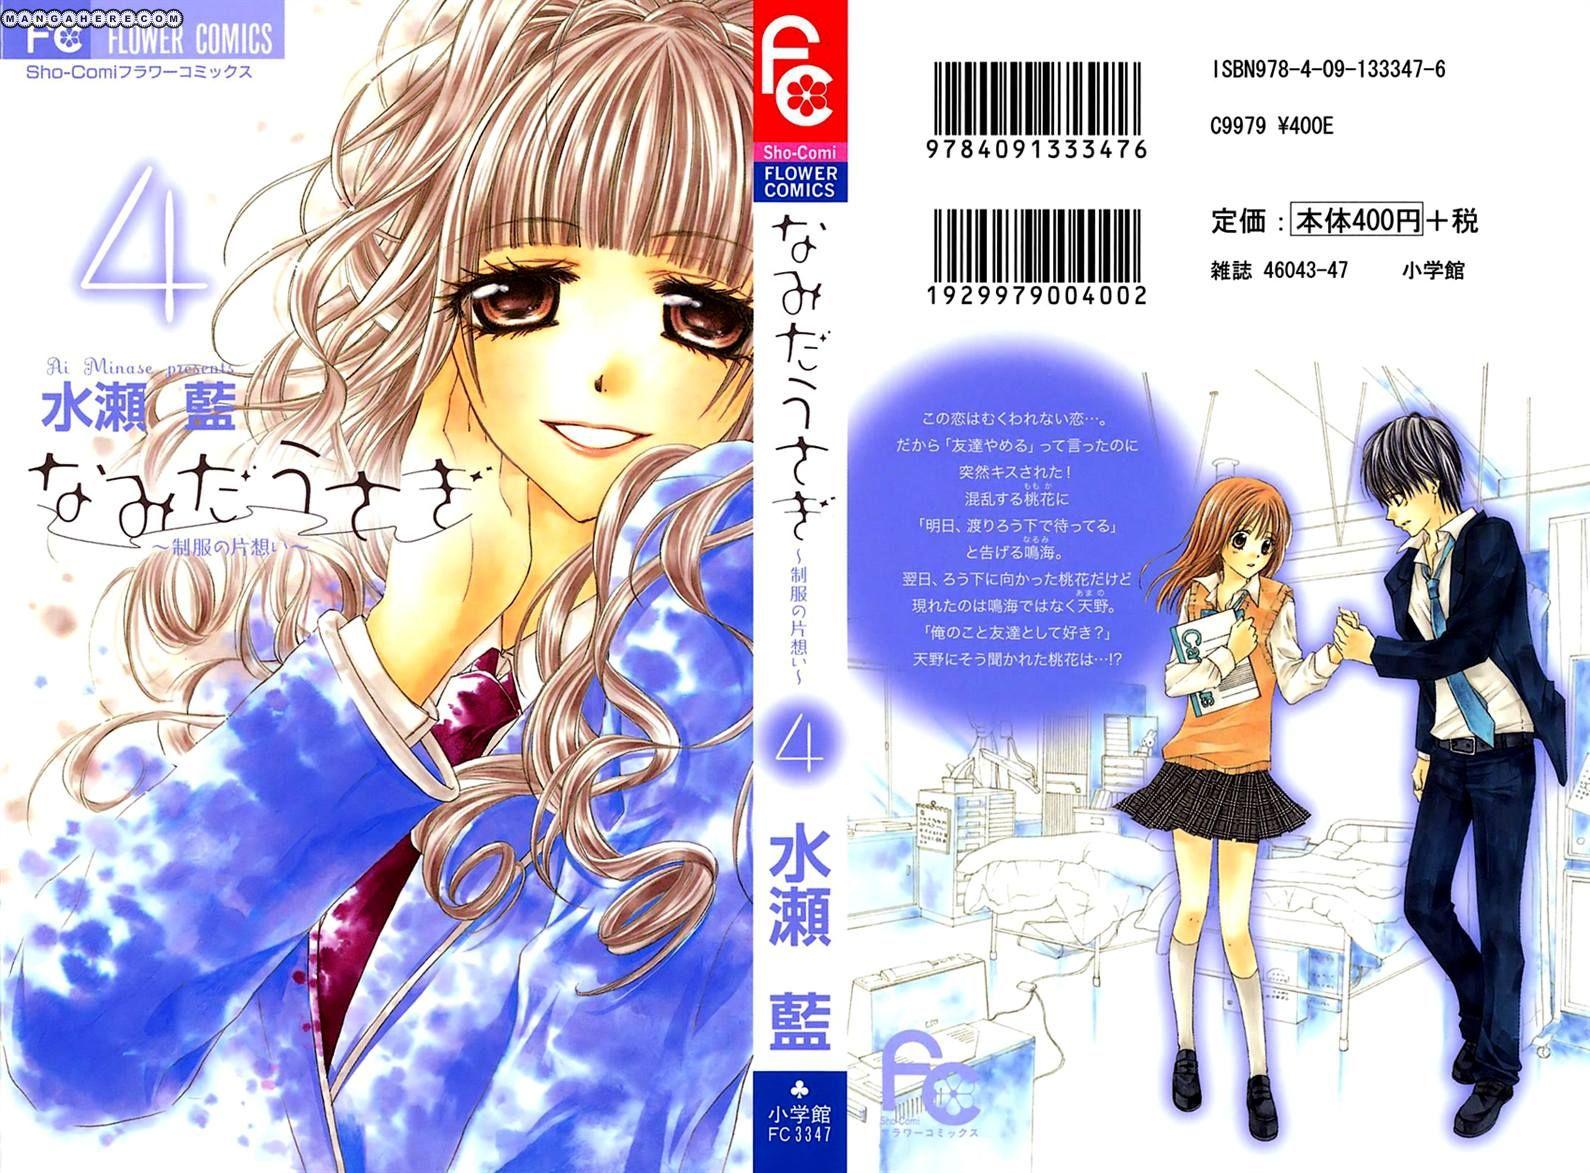 Namida Usagi - Seifuku no Kataomoi 18 Page 3